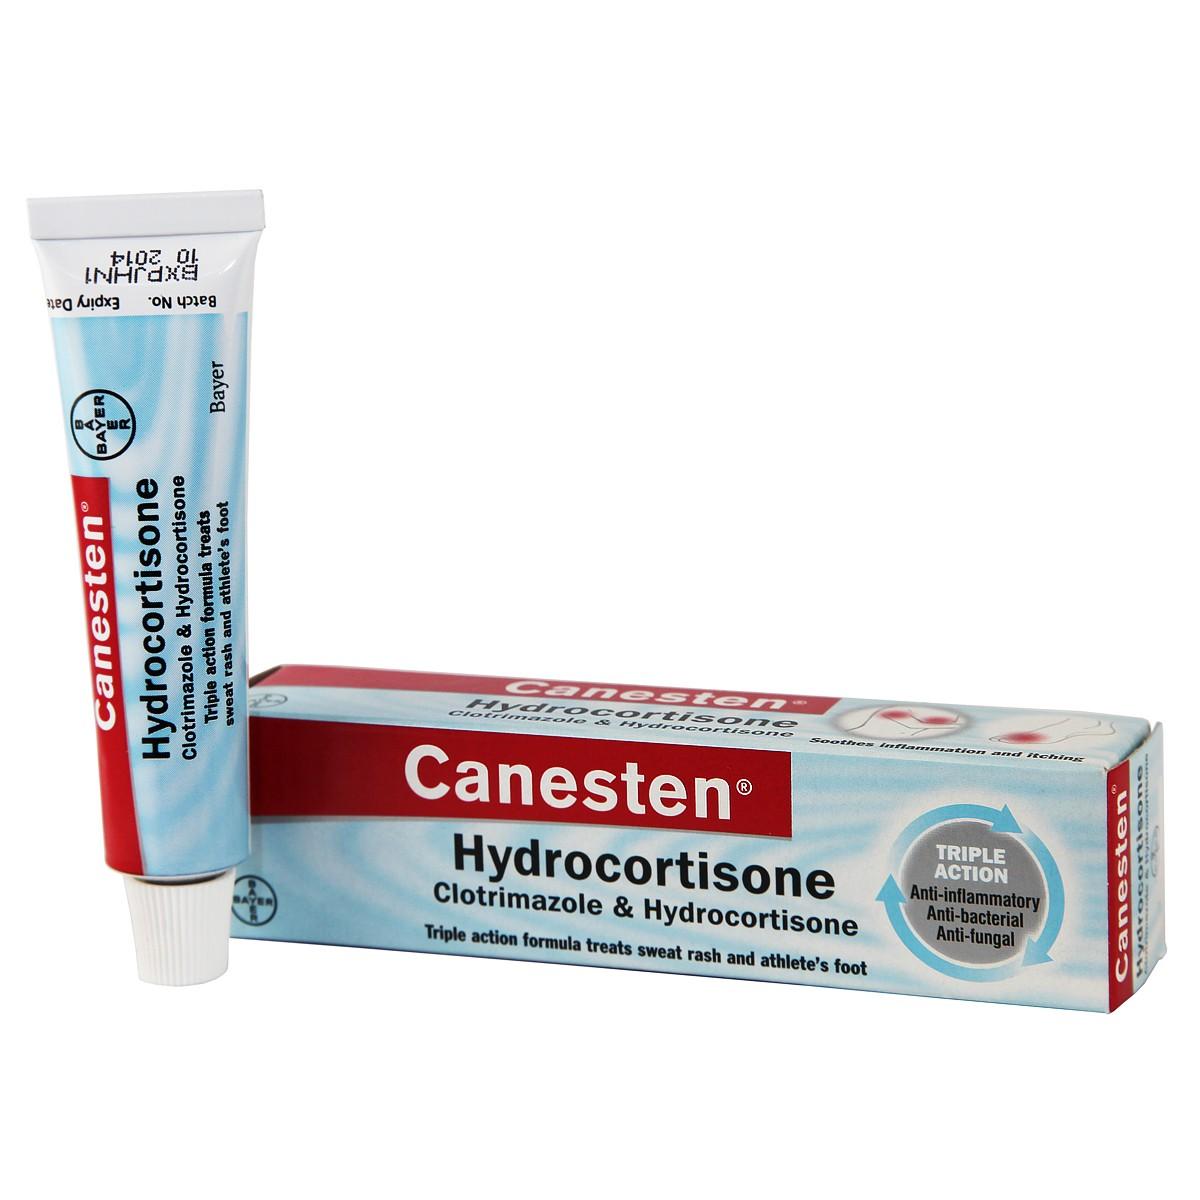 Canesten Hydrocortisone